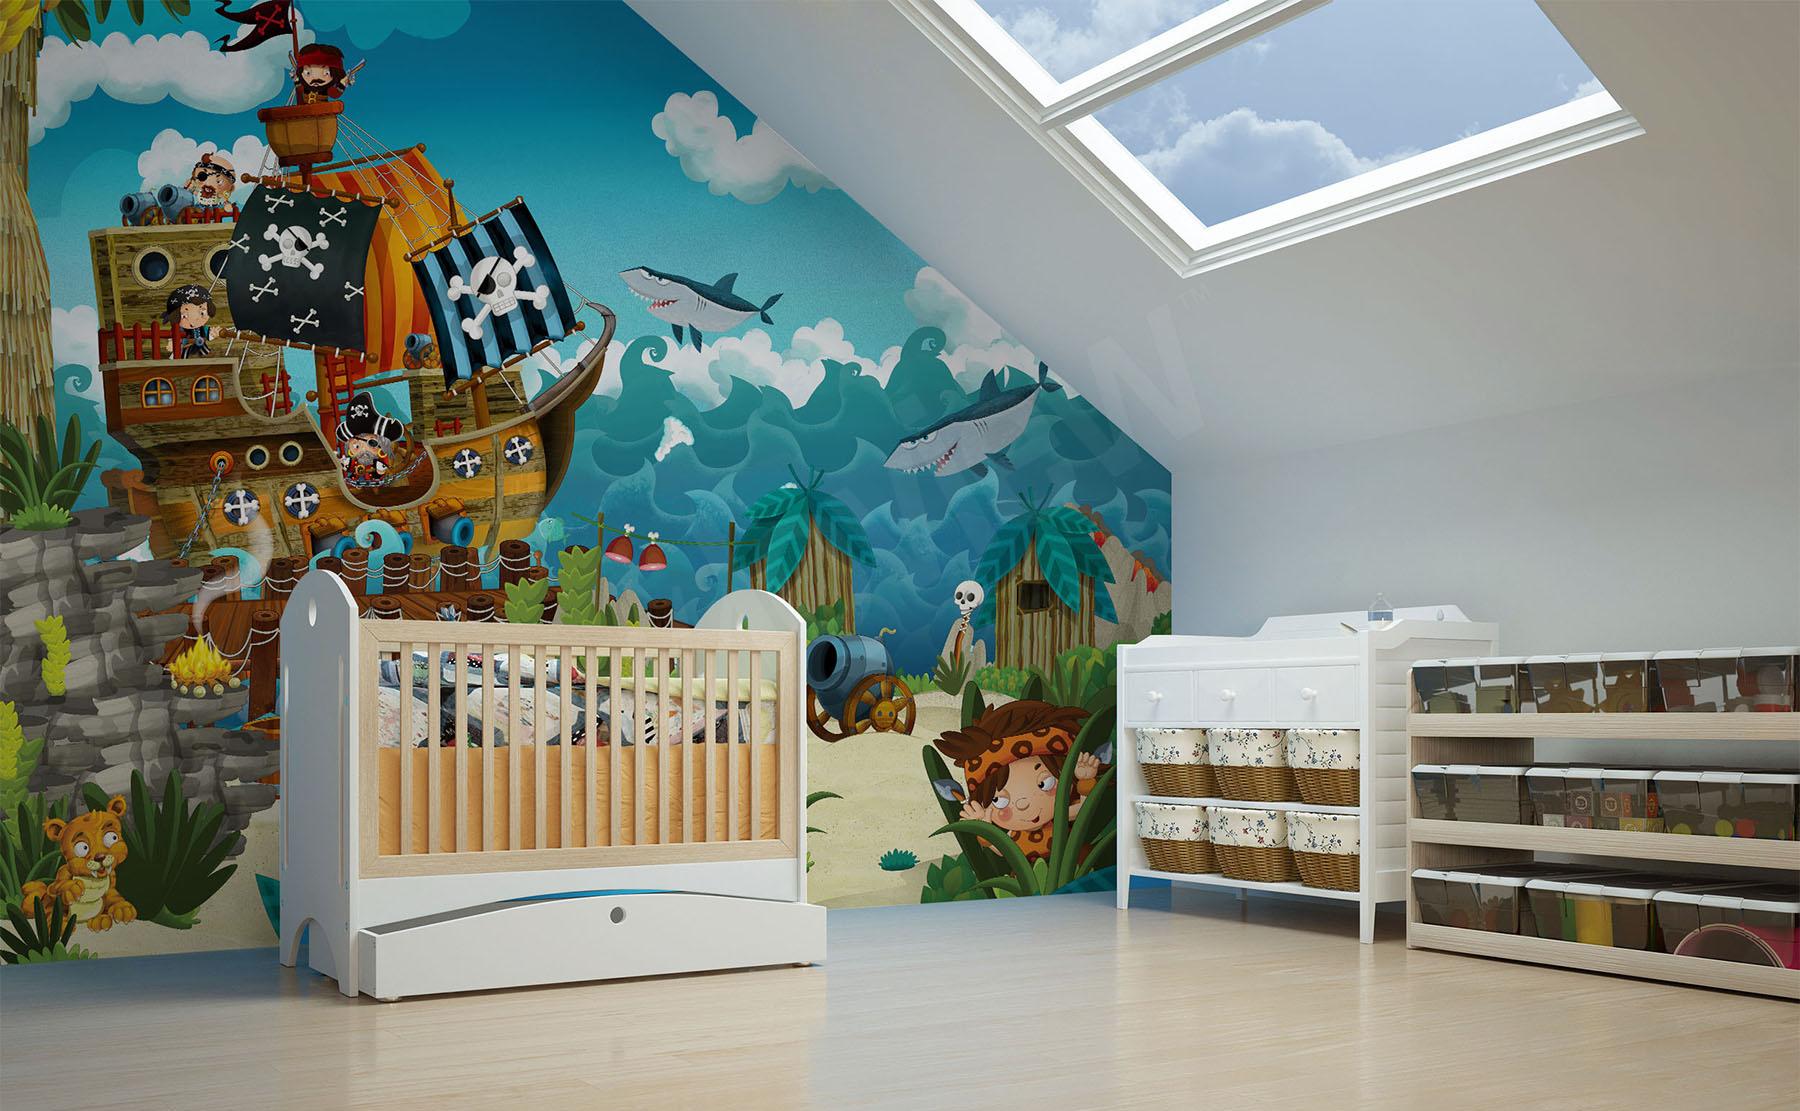 Fototapeten Kinderzimmer • größe der wand | myloview.de